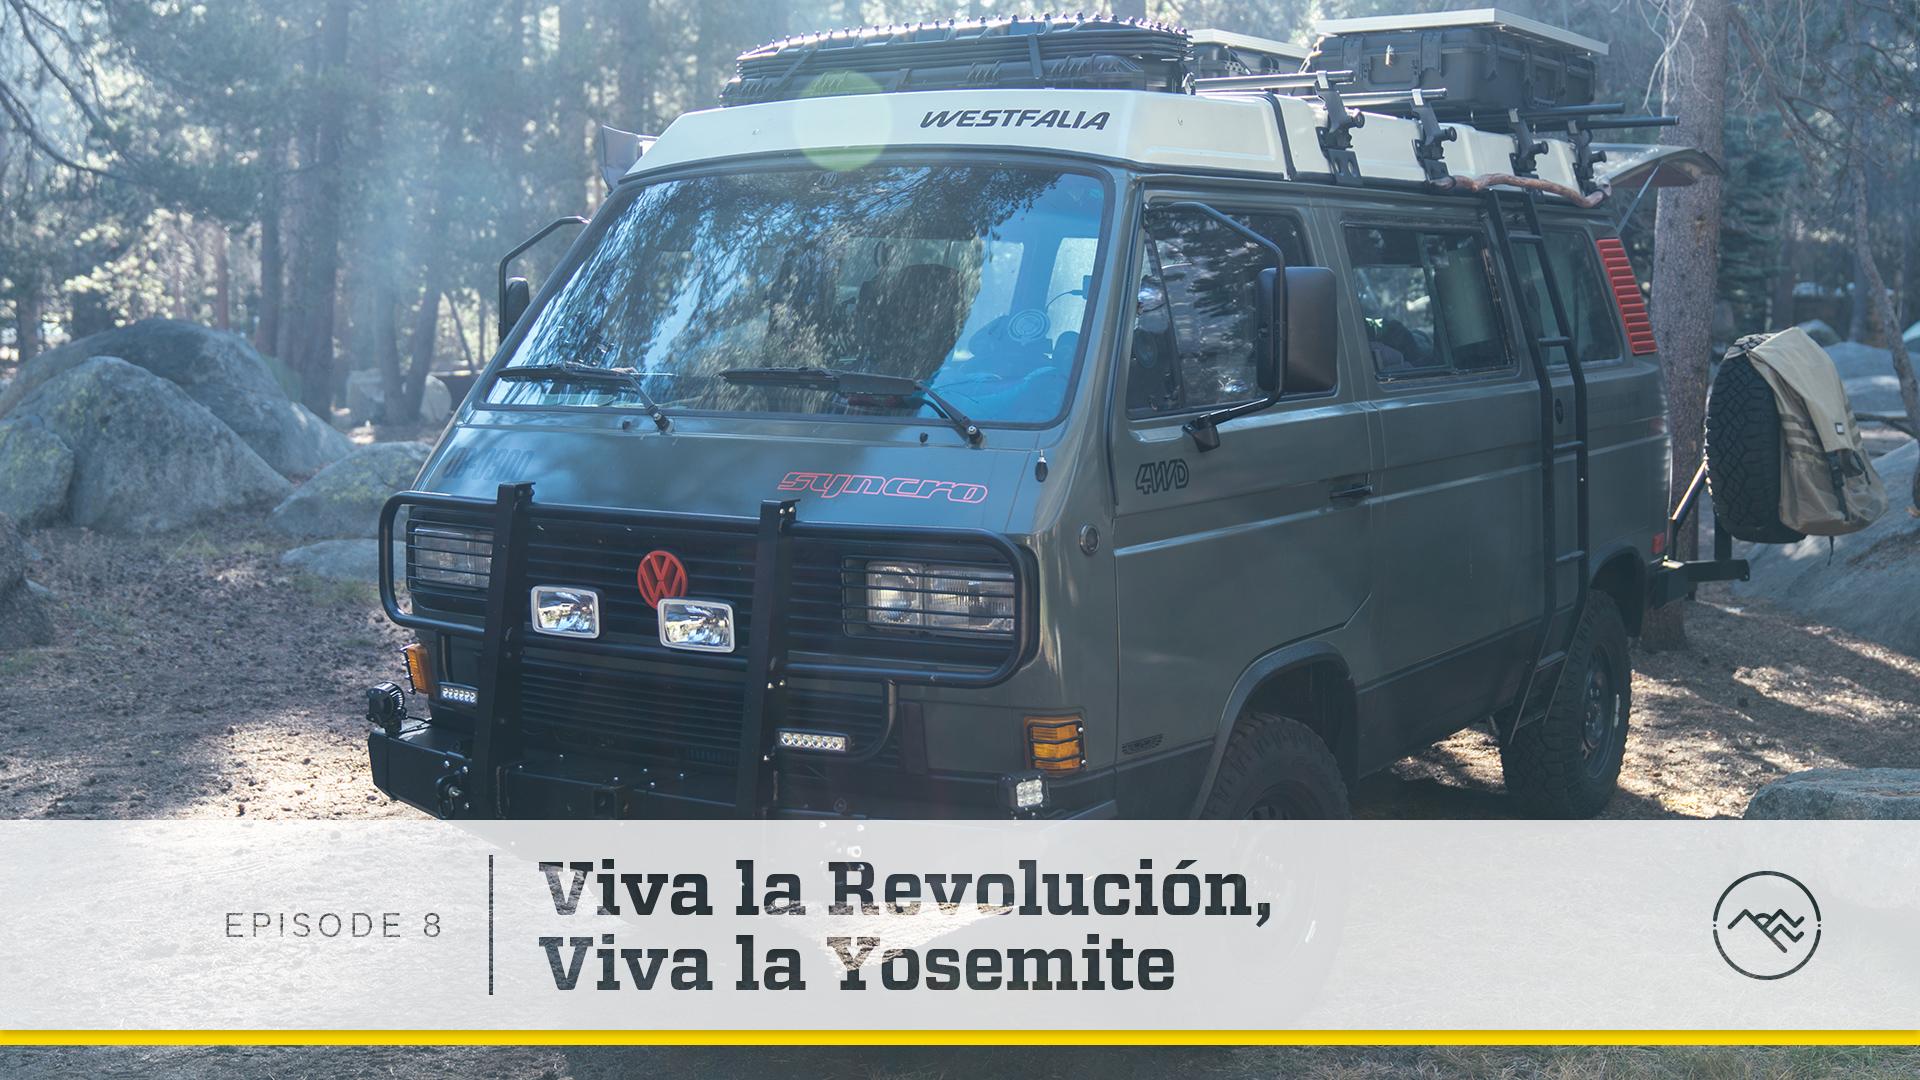 E08 : Viva la Revolución, Viva la Yosemite